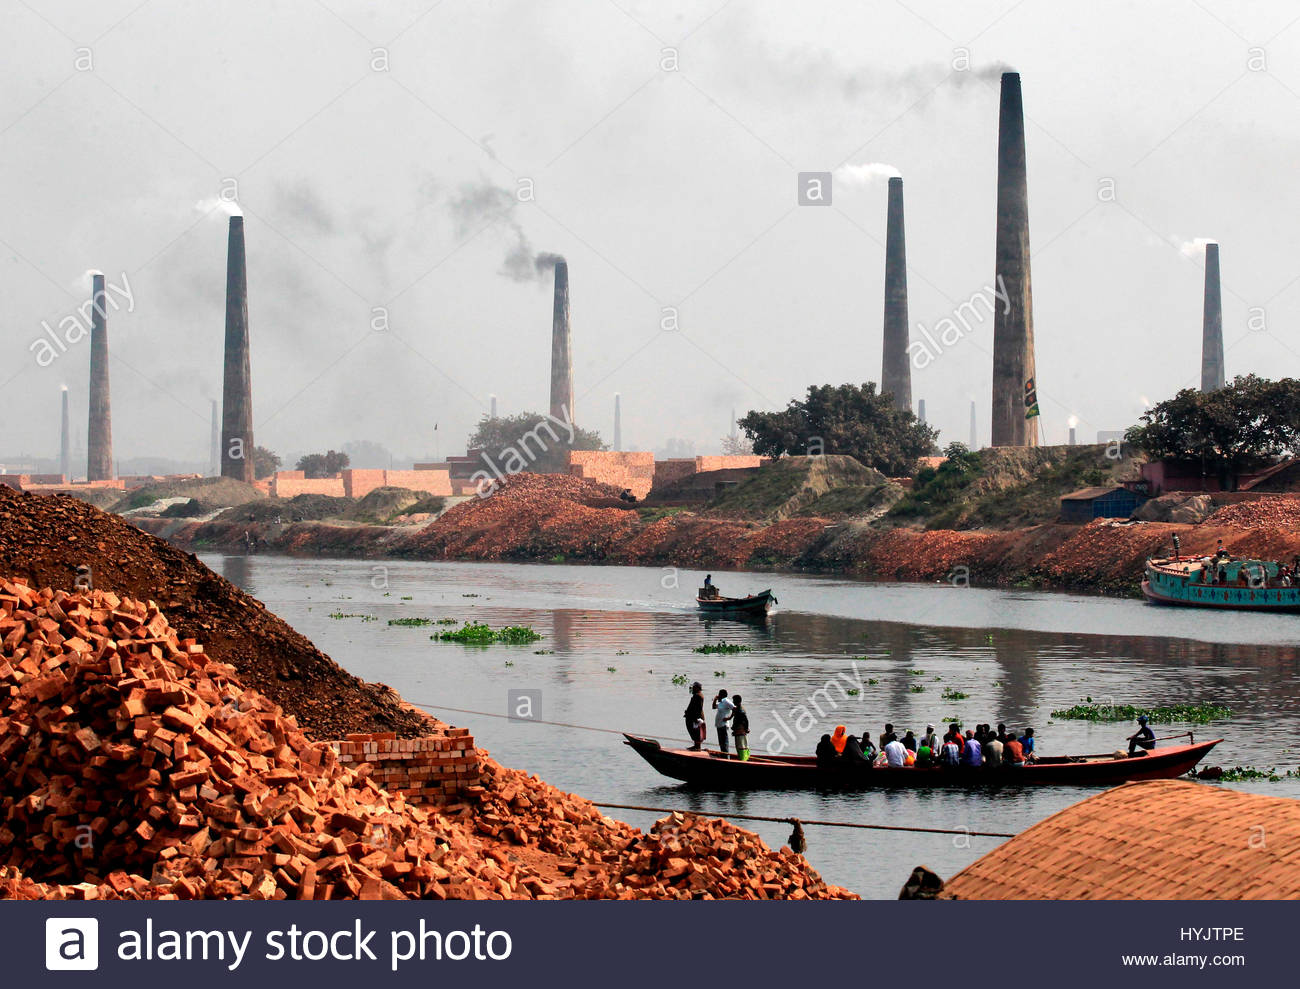 Fonte di inquinamento vivo : forni di mattone di inficiare l'ambiente di una vasta area o Immagini Stock